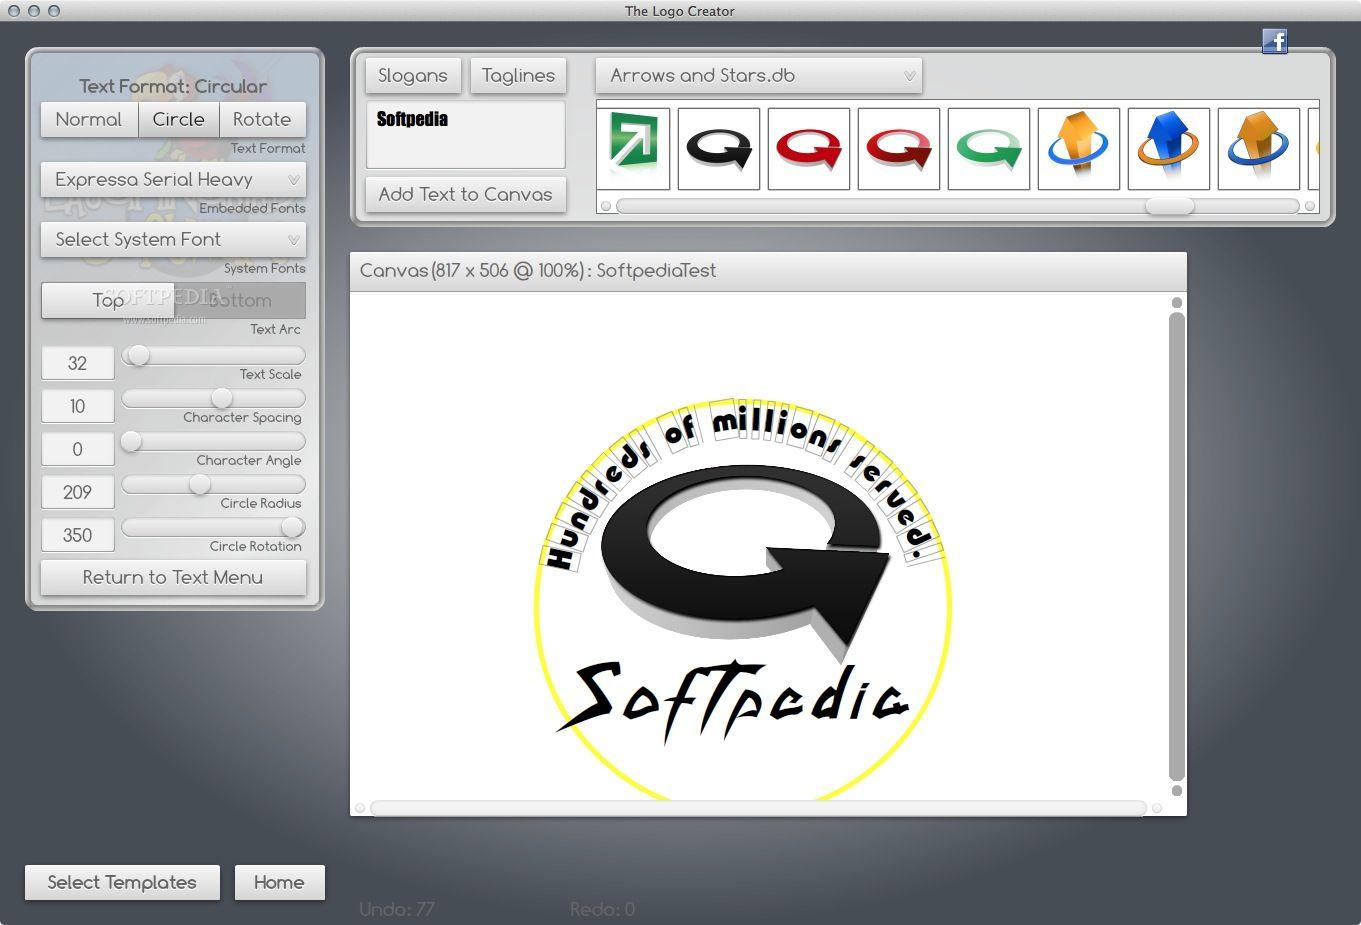 Adobe creative suite 6 mac compatibility